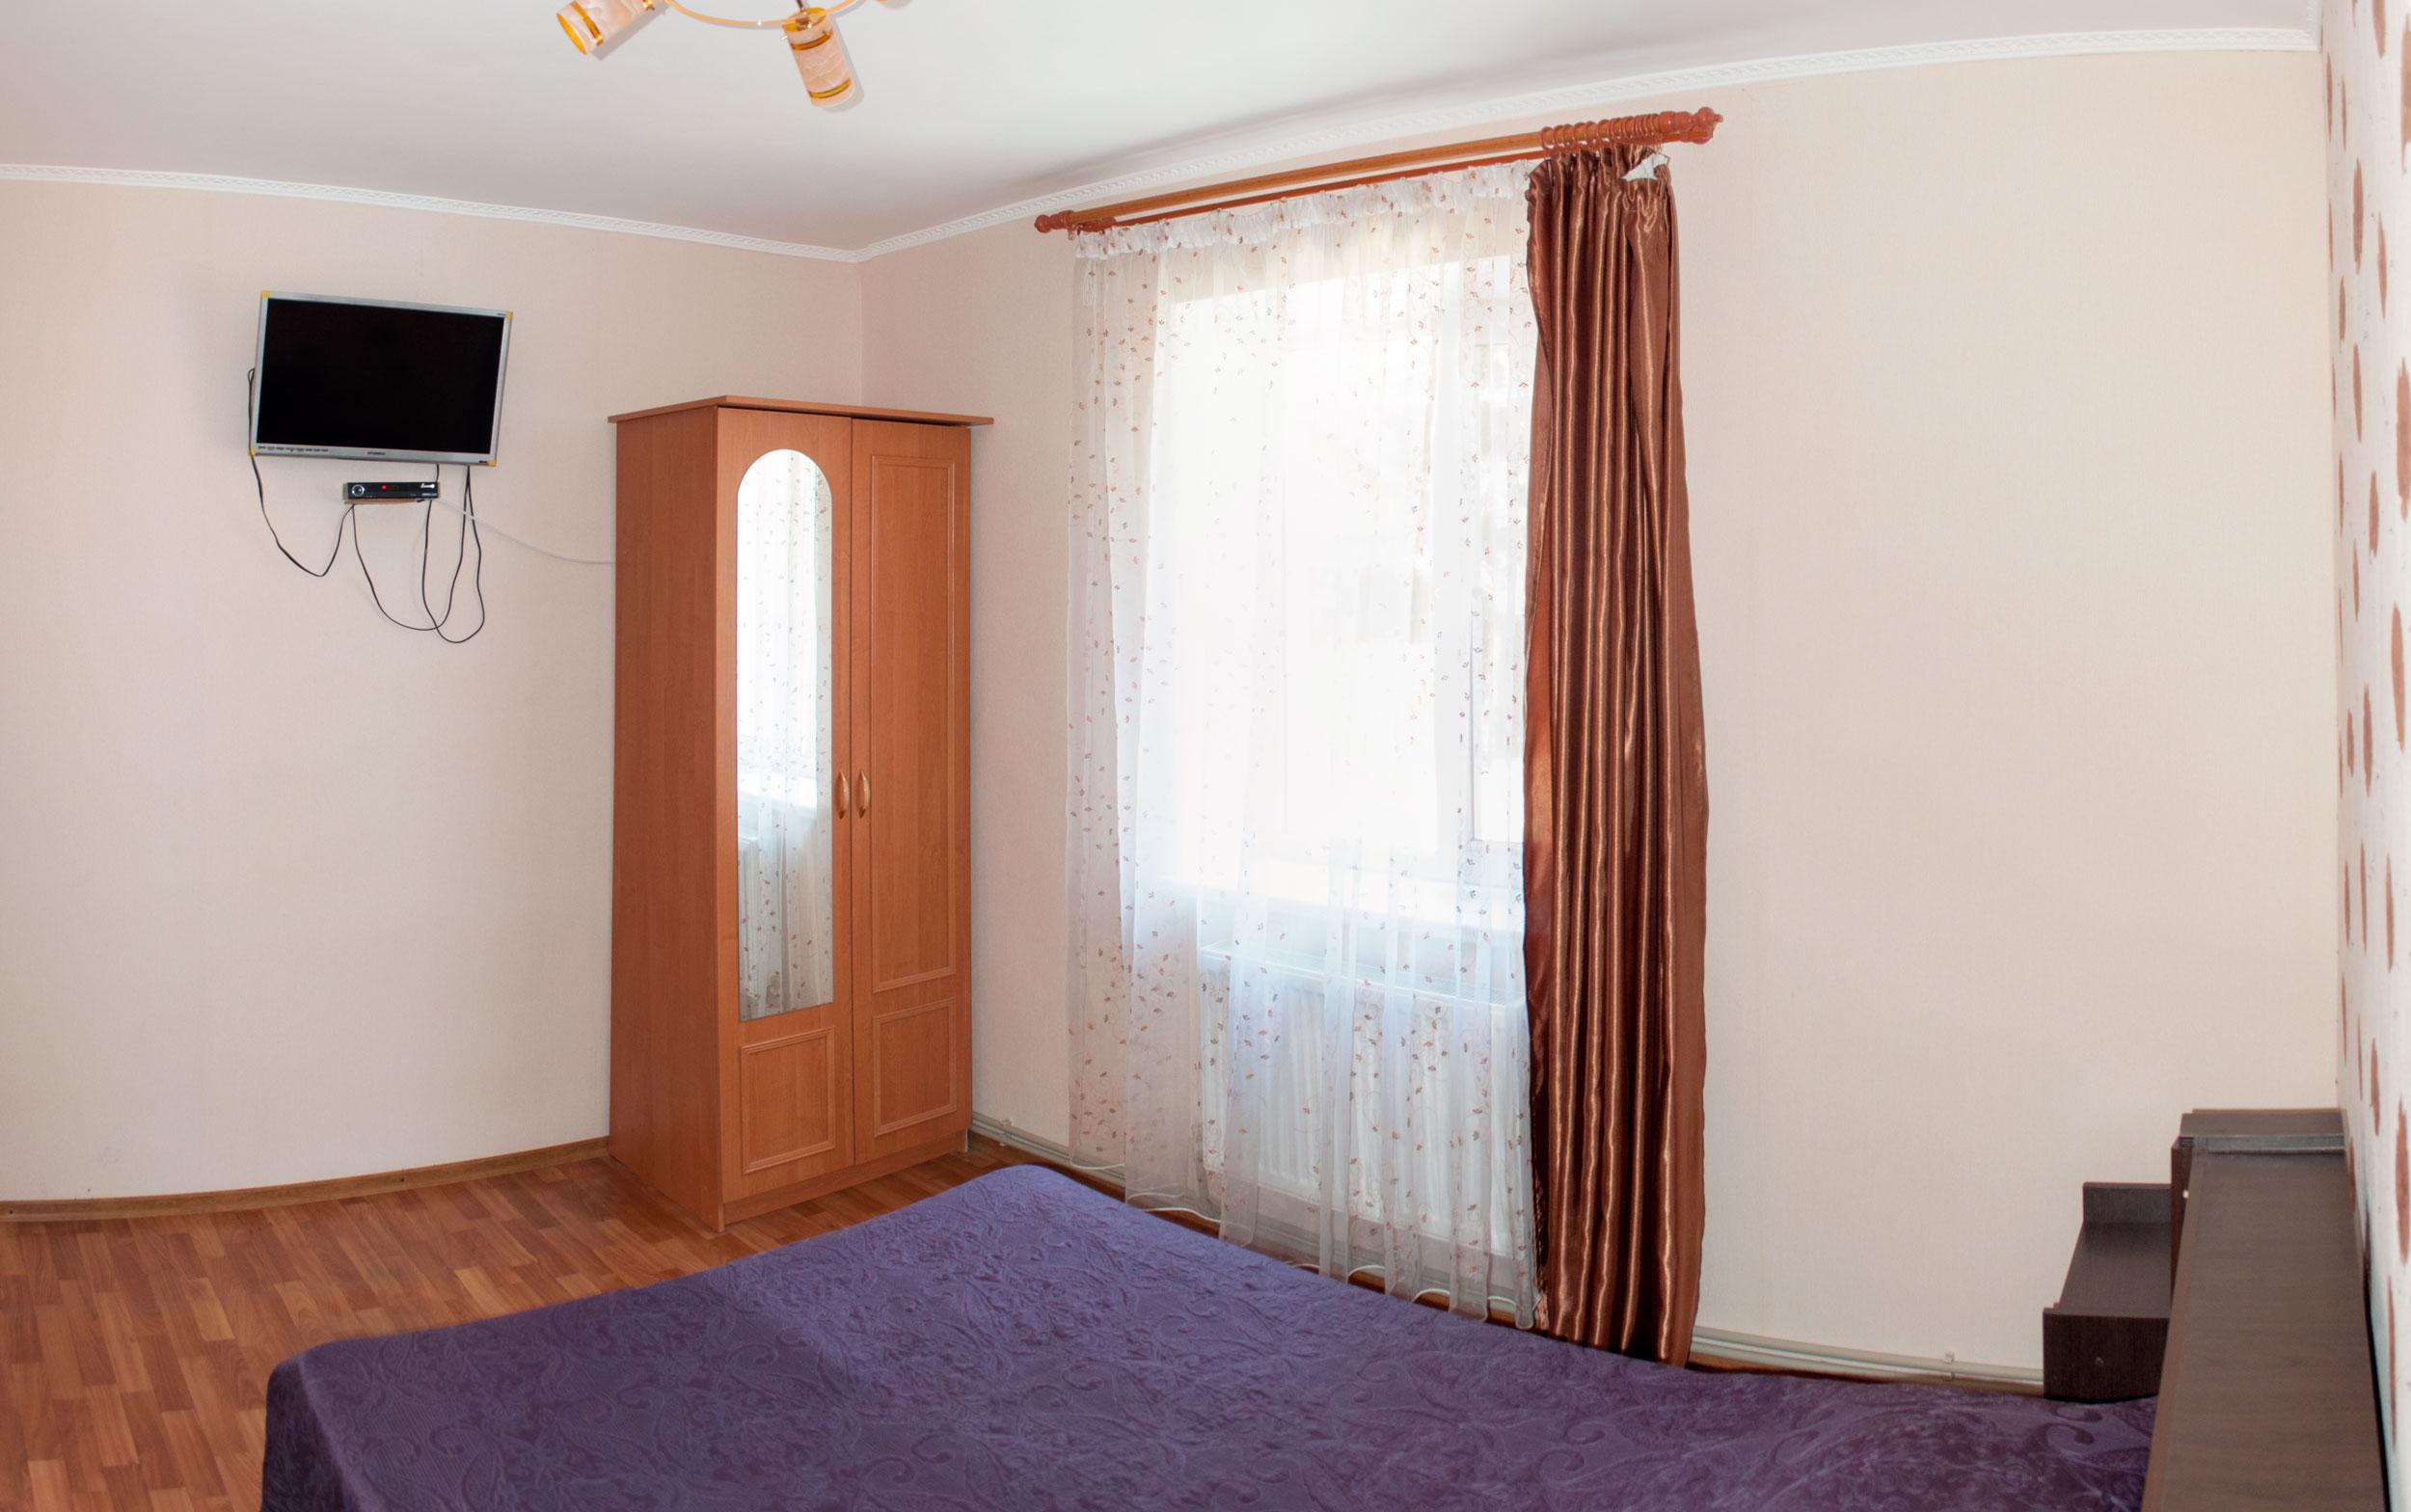 Двухместный номер Комфорт в гостинице Песчаное Летом